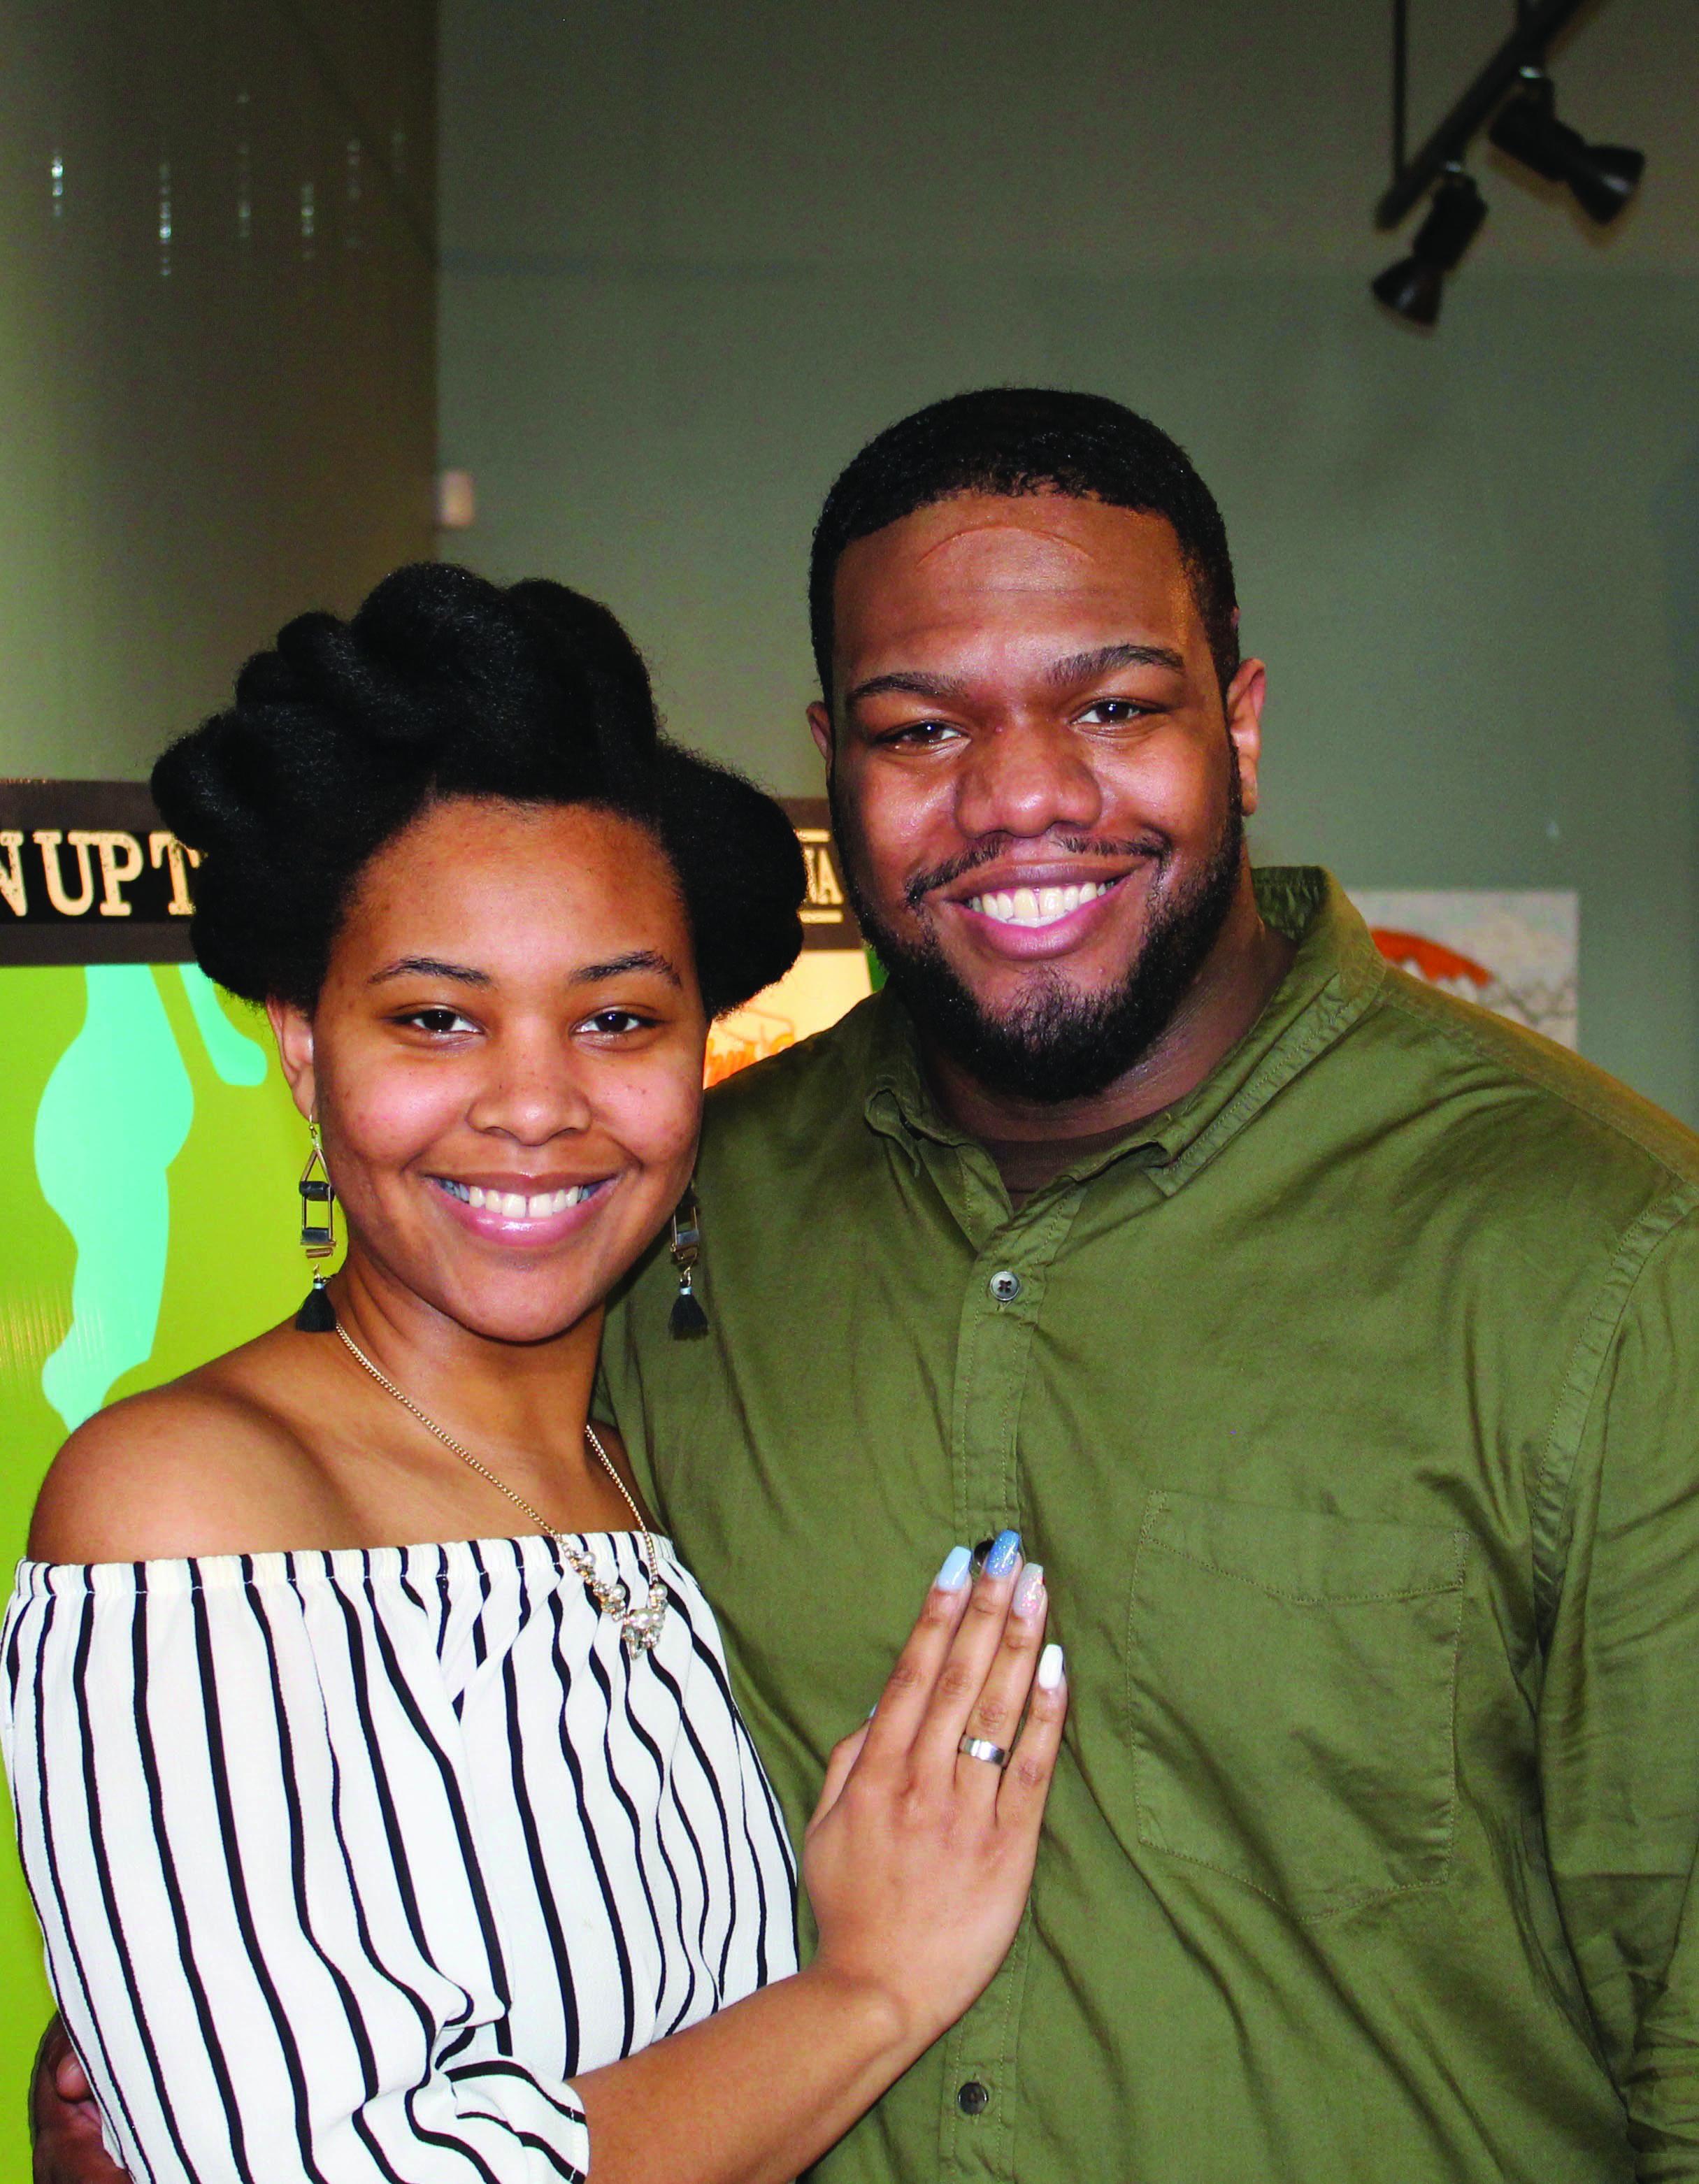 Dortisha and Kevion Johnson